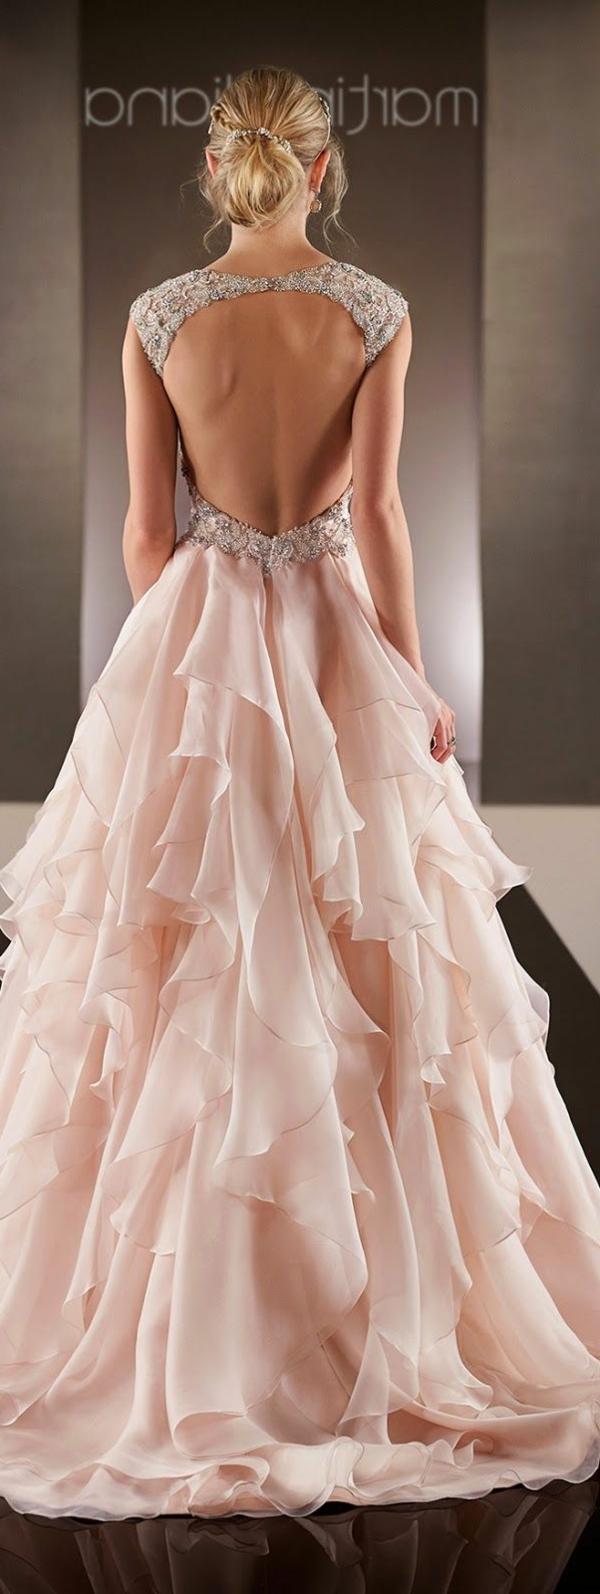 inspiration-robe-que-une-princesse-va-porter-pour-son-balle-de-promo-robe-en-ondes